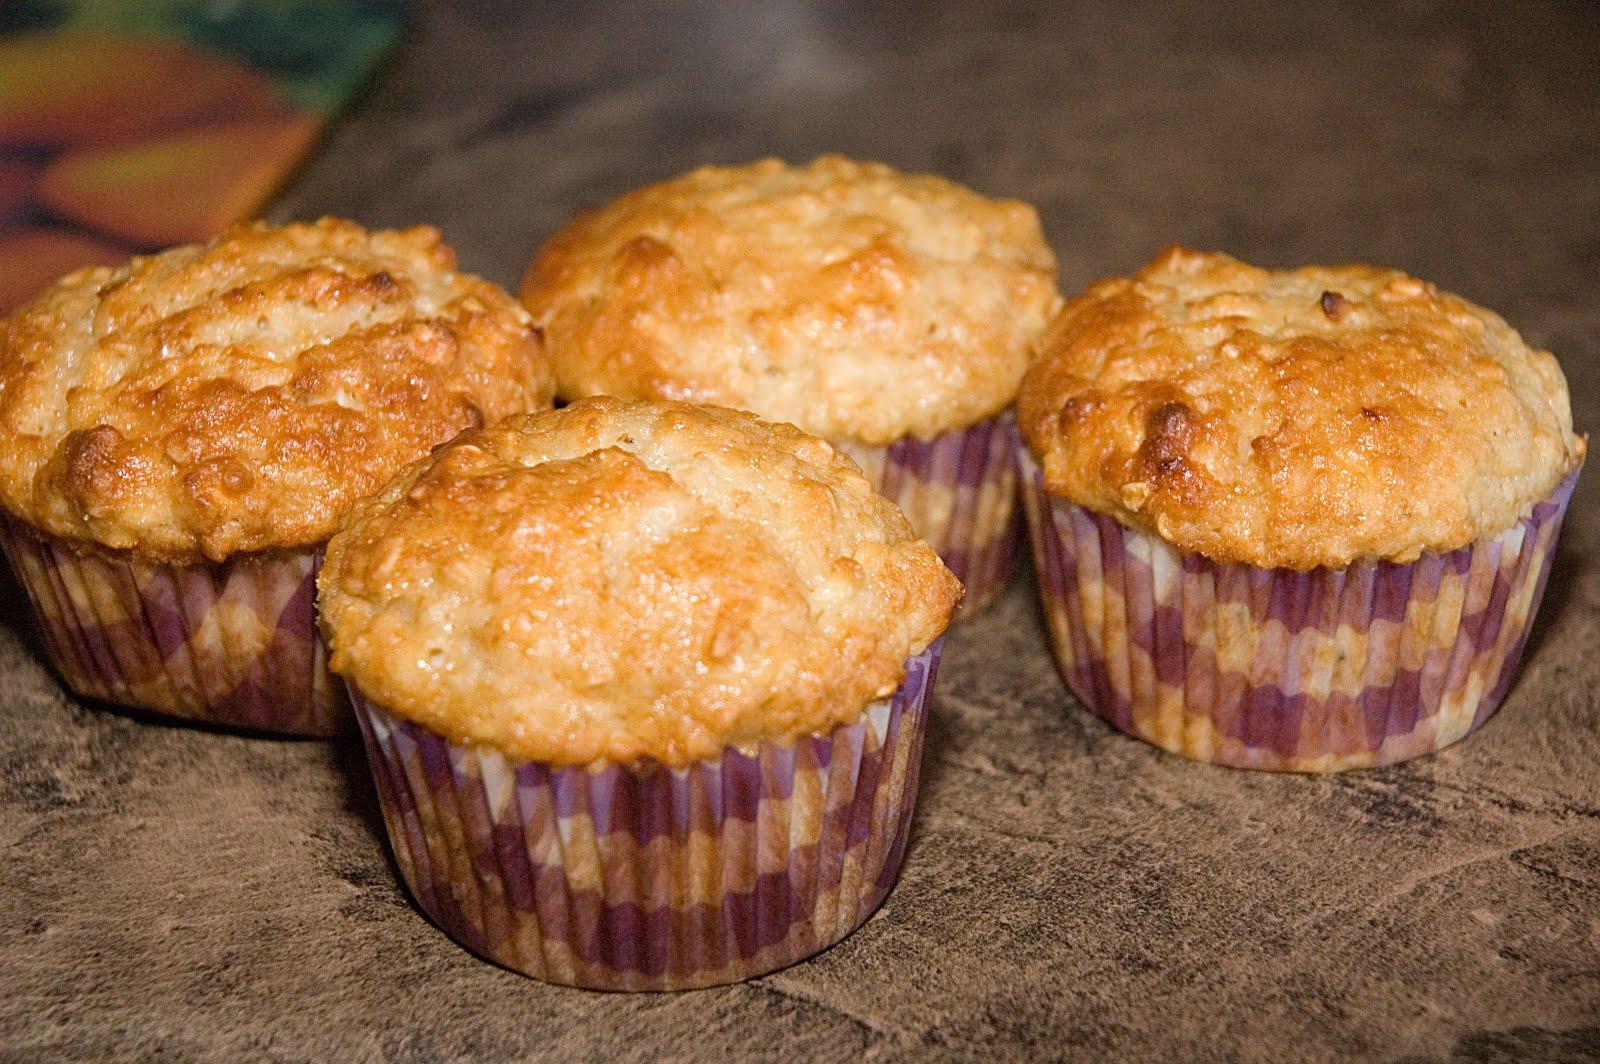 muffins aux pommes coeur de caramel doumdoum se r gale. Black Bedroom Furniture Sets. Home Design Ideas